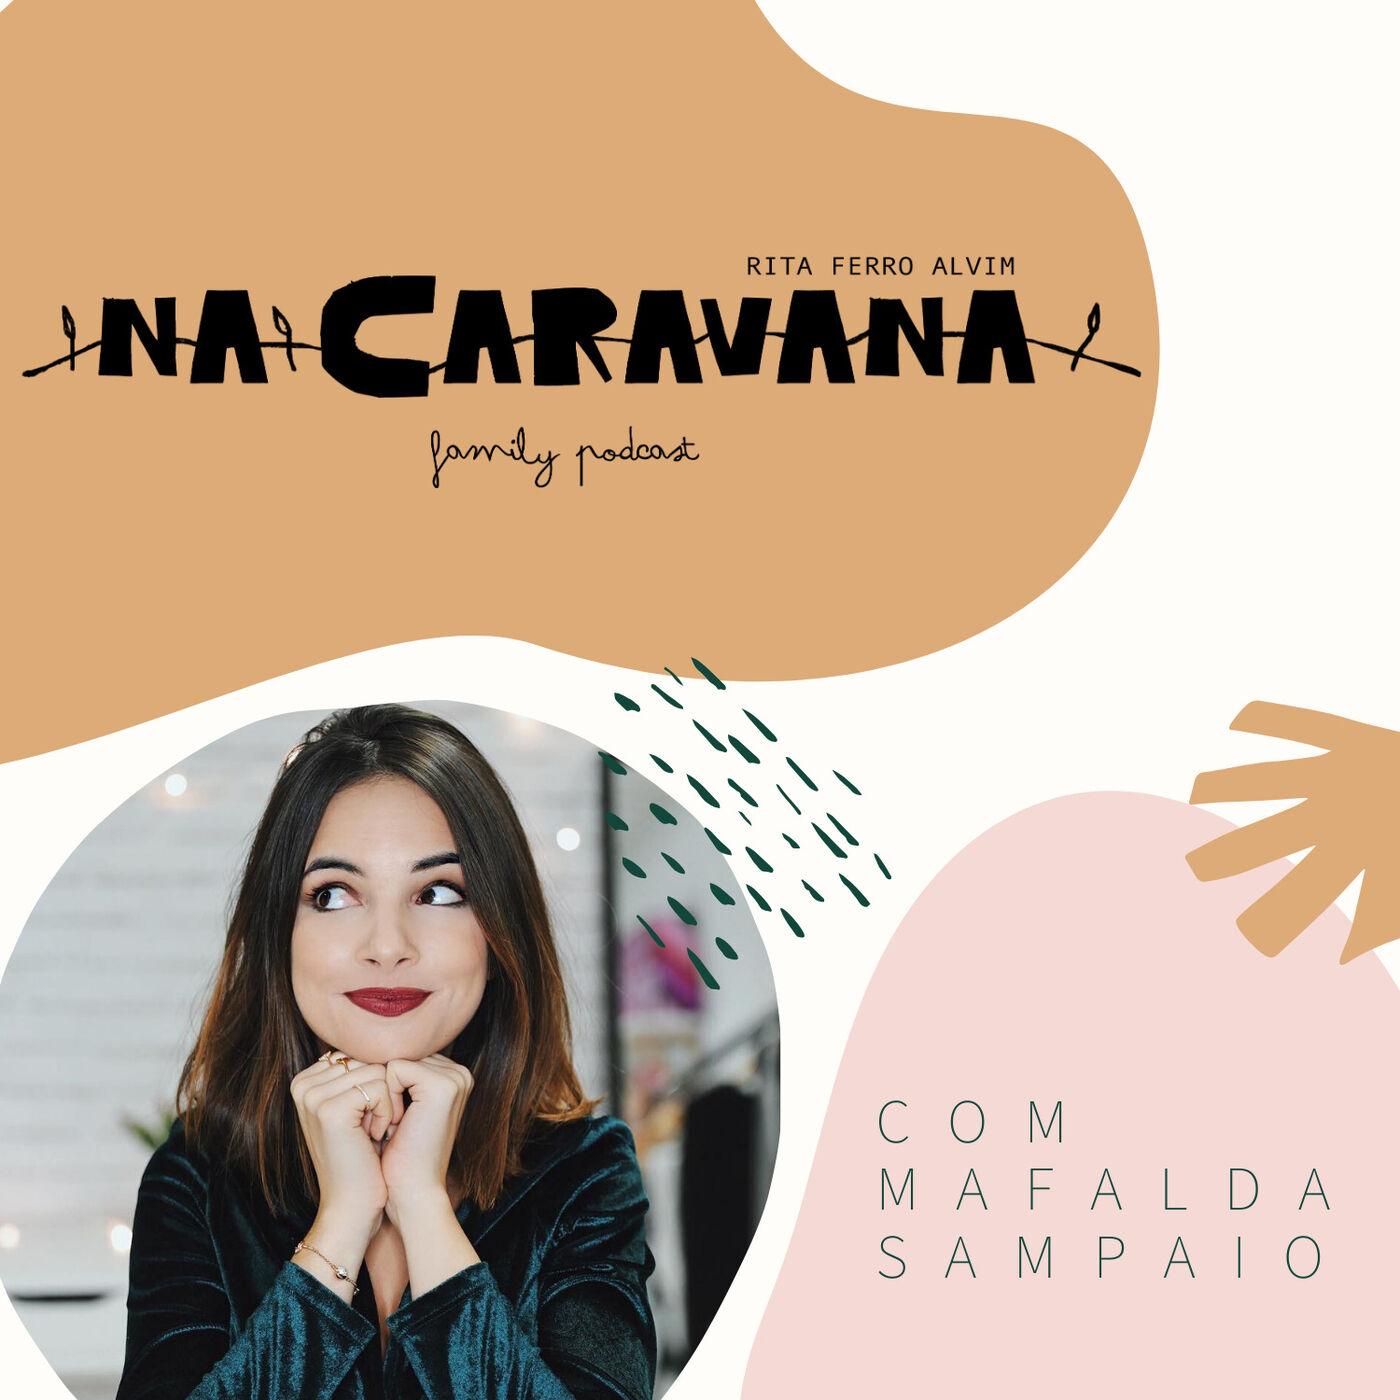 N'A Caravana com Mafalda Sampaio #11 Princesa do digital, de 5 filhos para 2 e a arte da bricolage